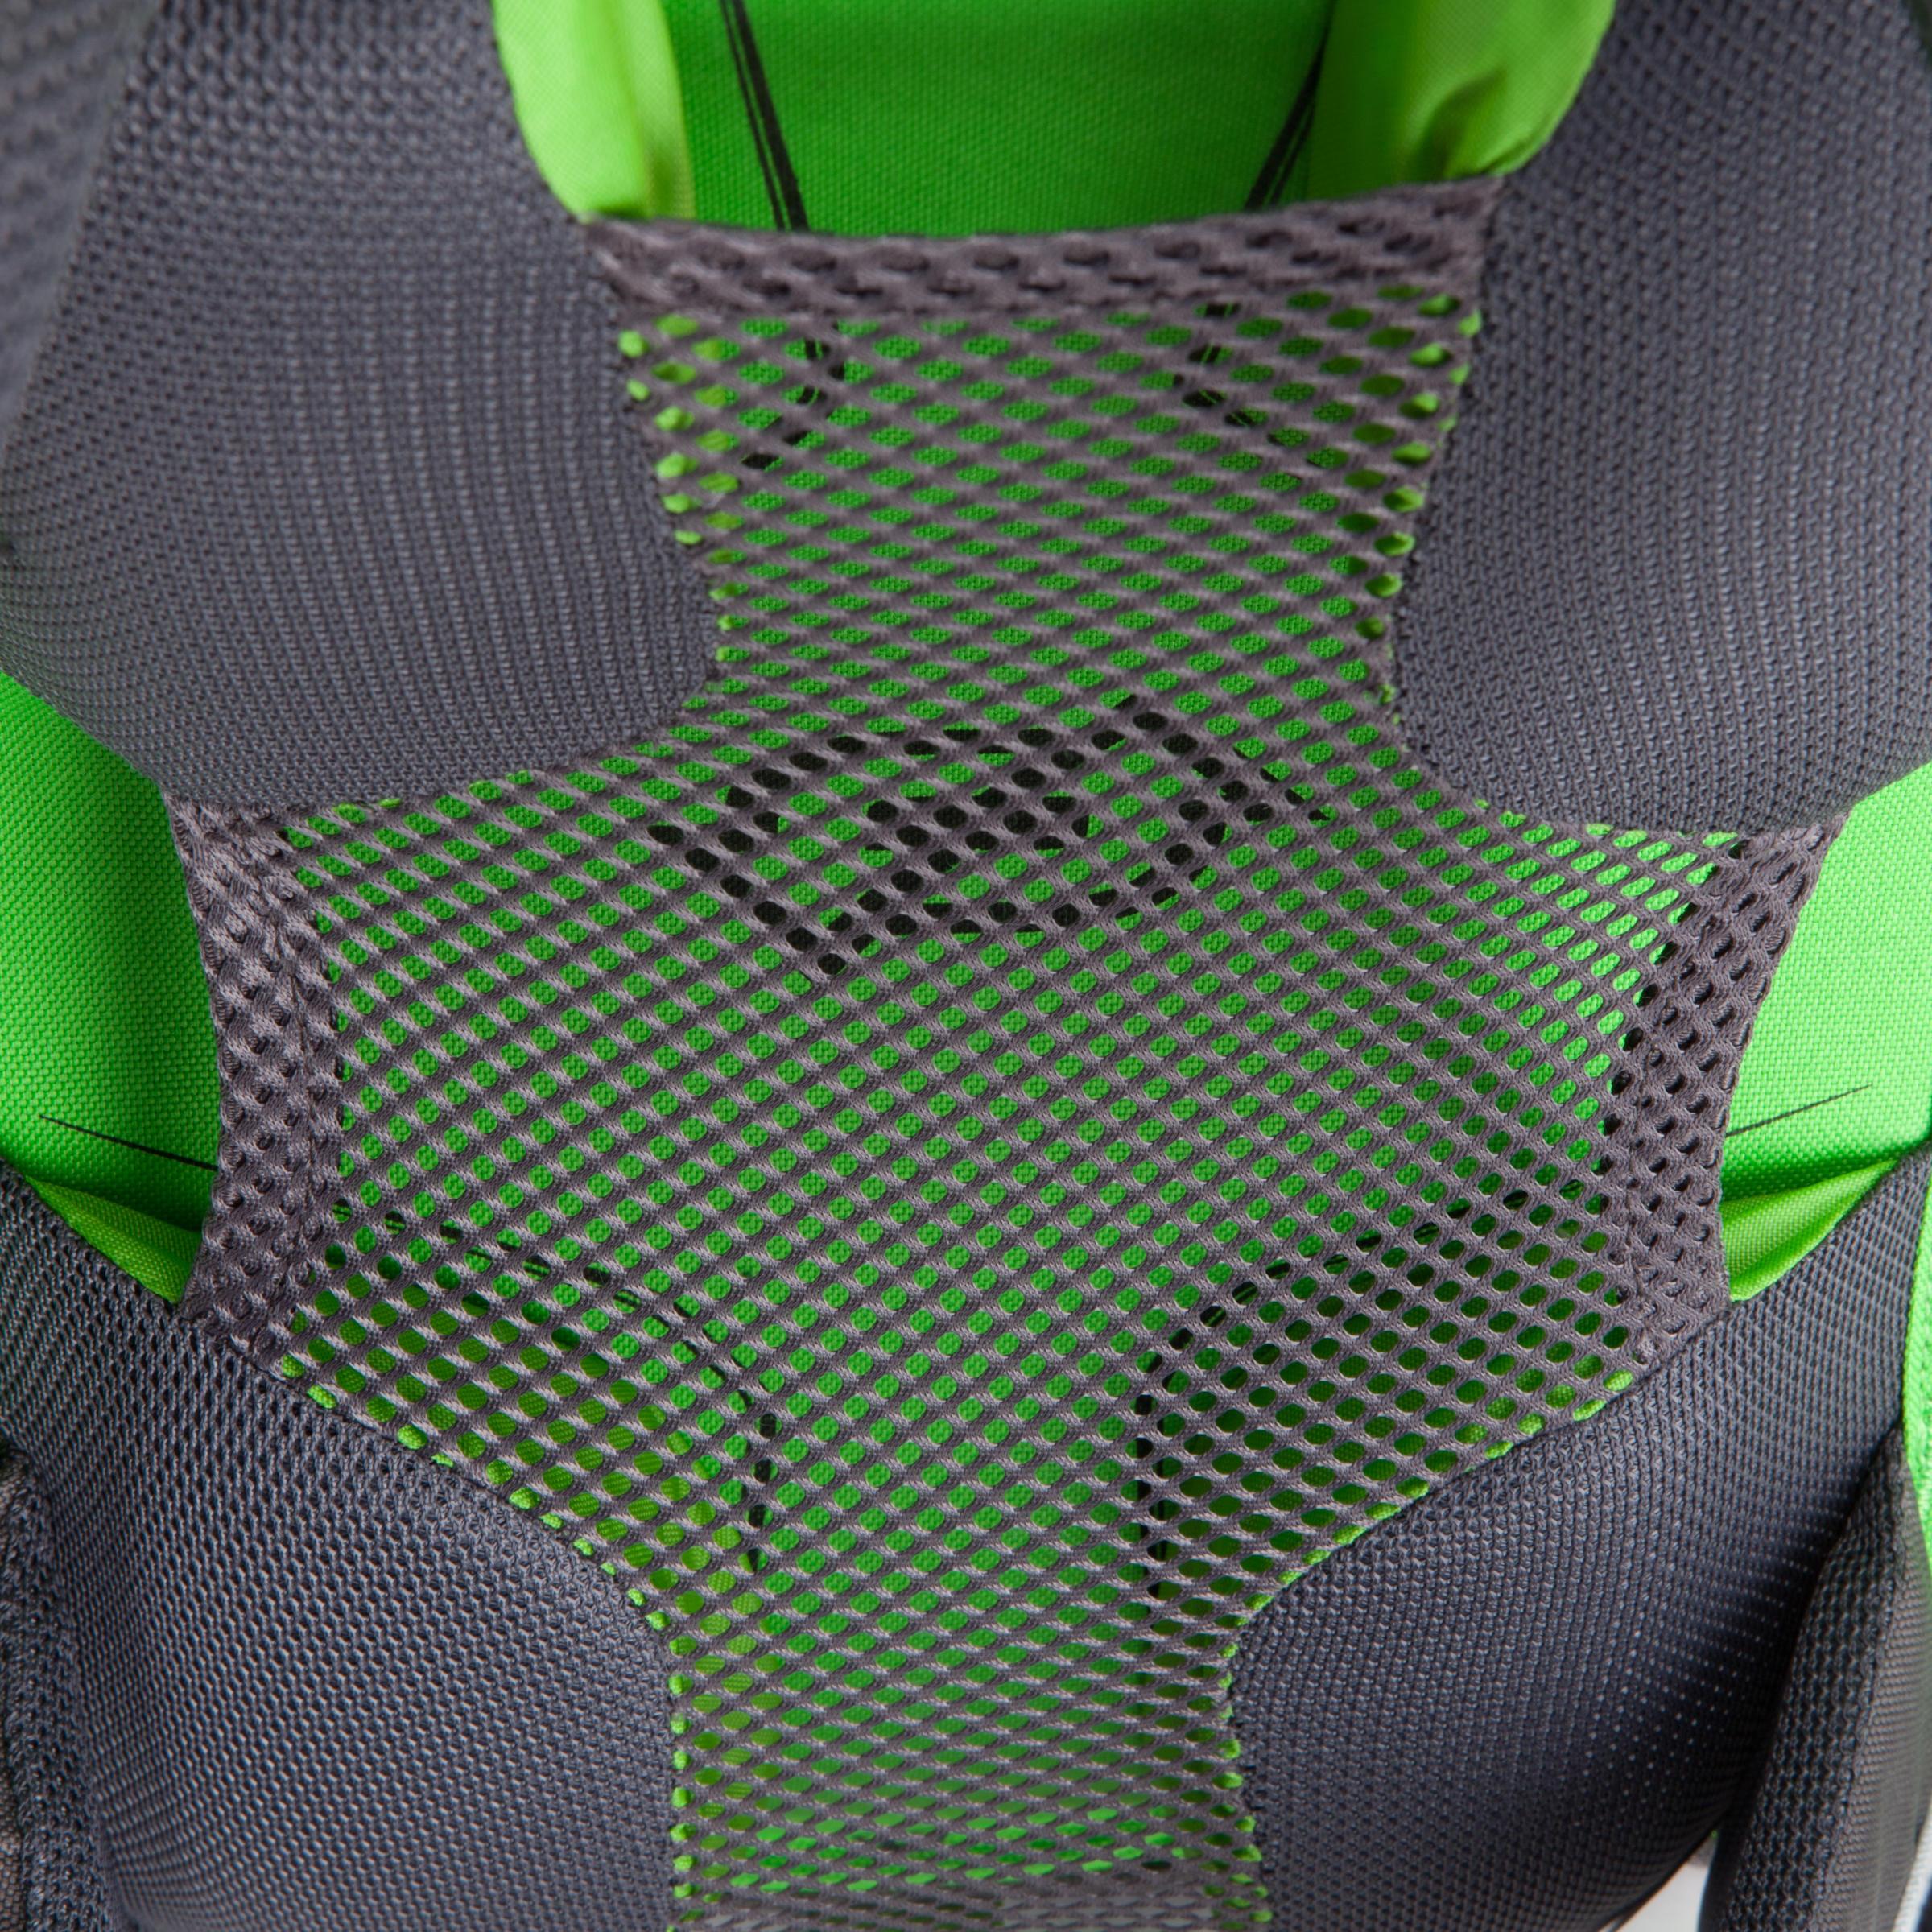 Sac à dos F 22 AIRJunior vert gris: dos ventilé procure un confort très agréable